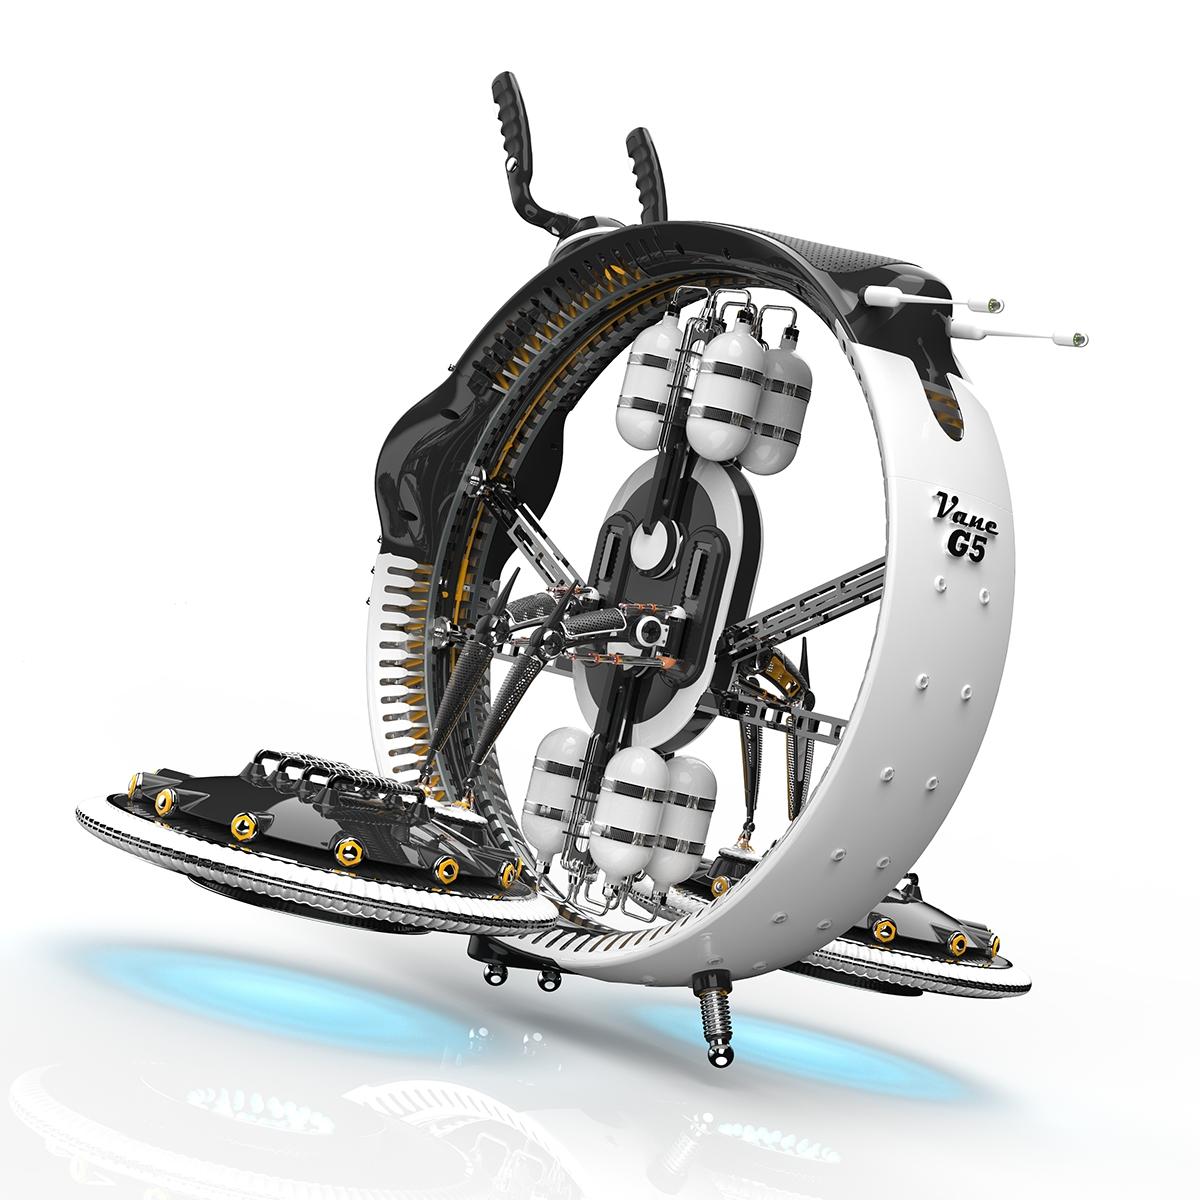 Patrick Williamson Graphic Design